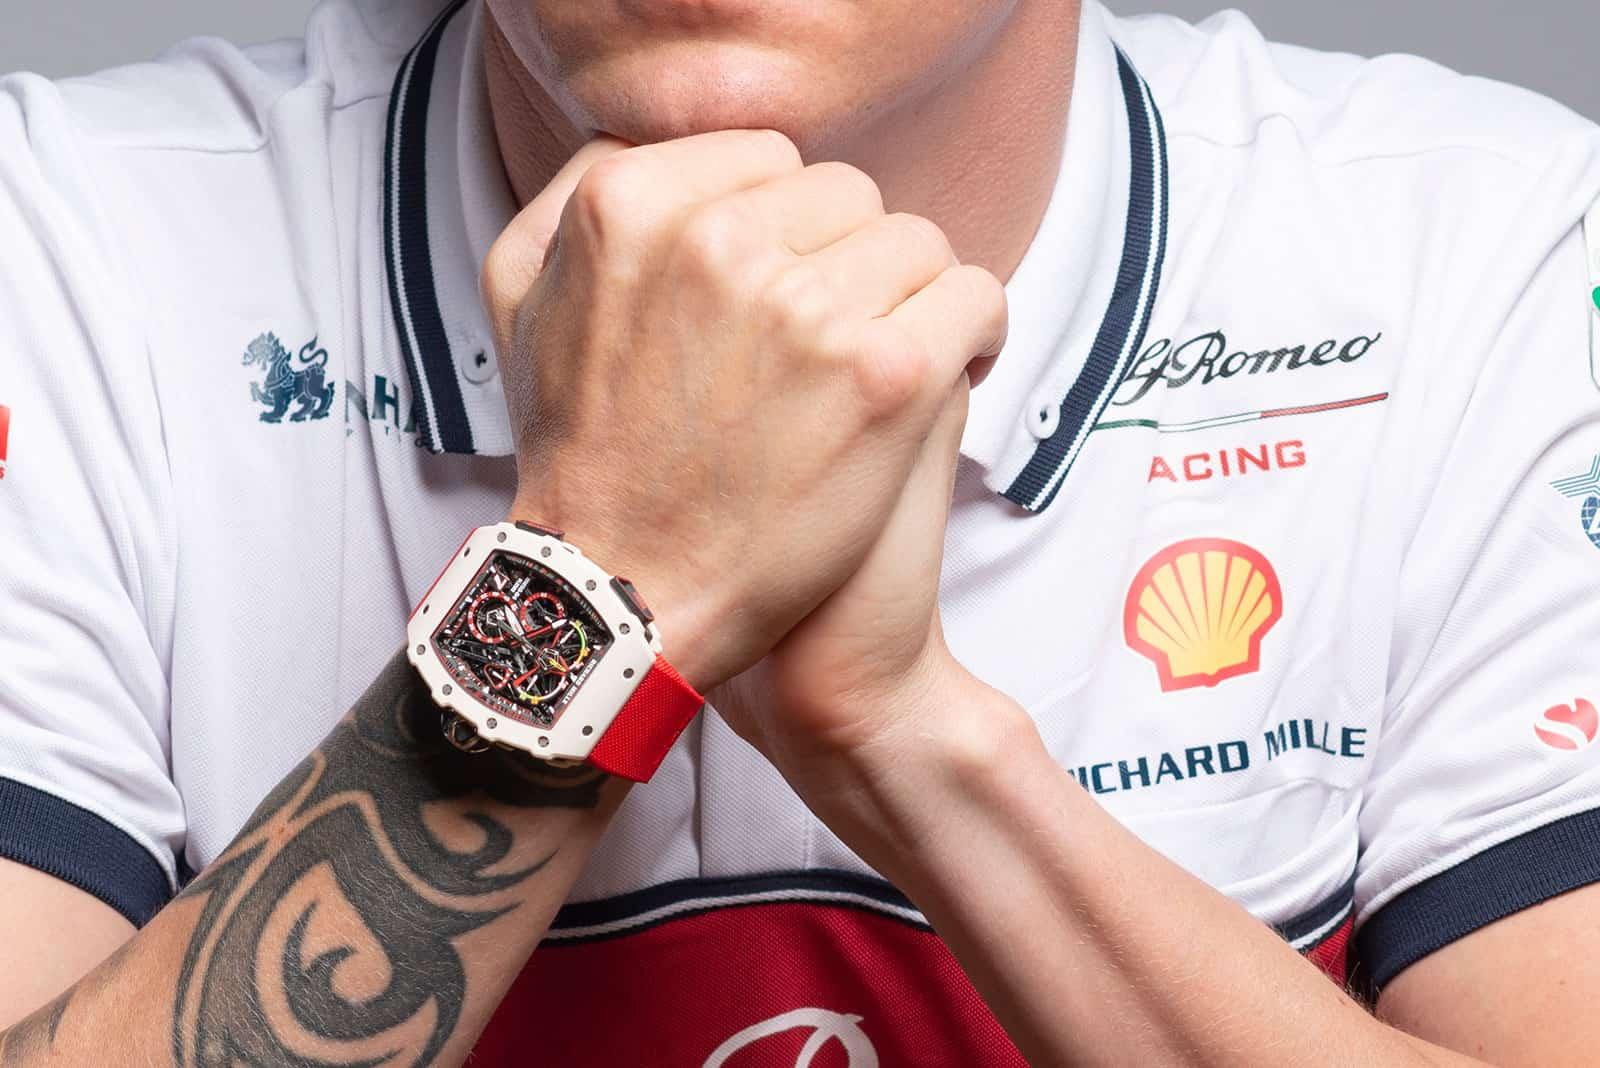 richard mille Kimi raikkonen 1